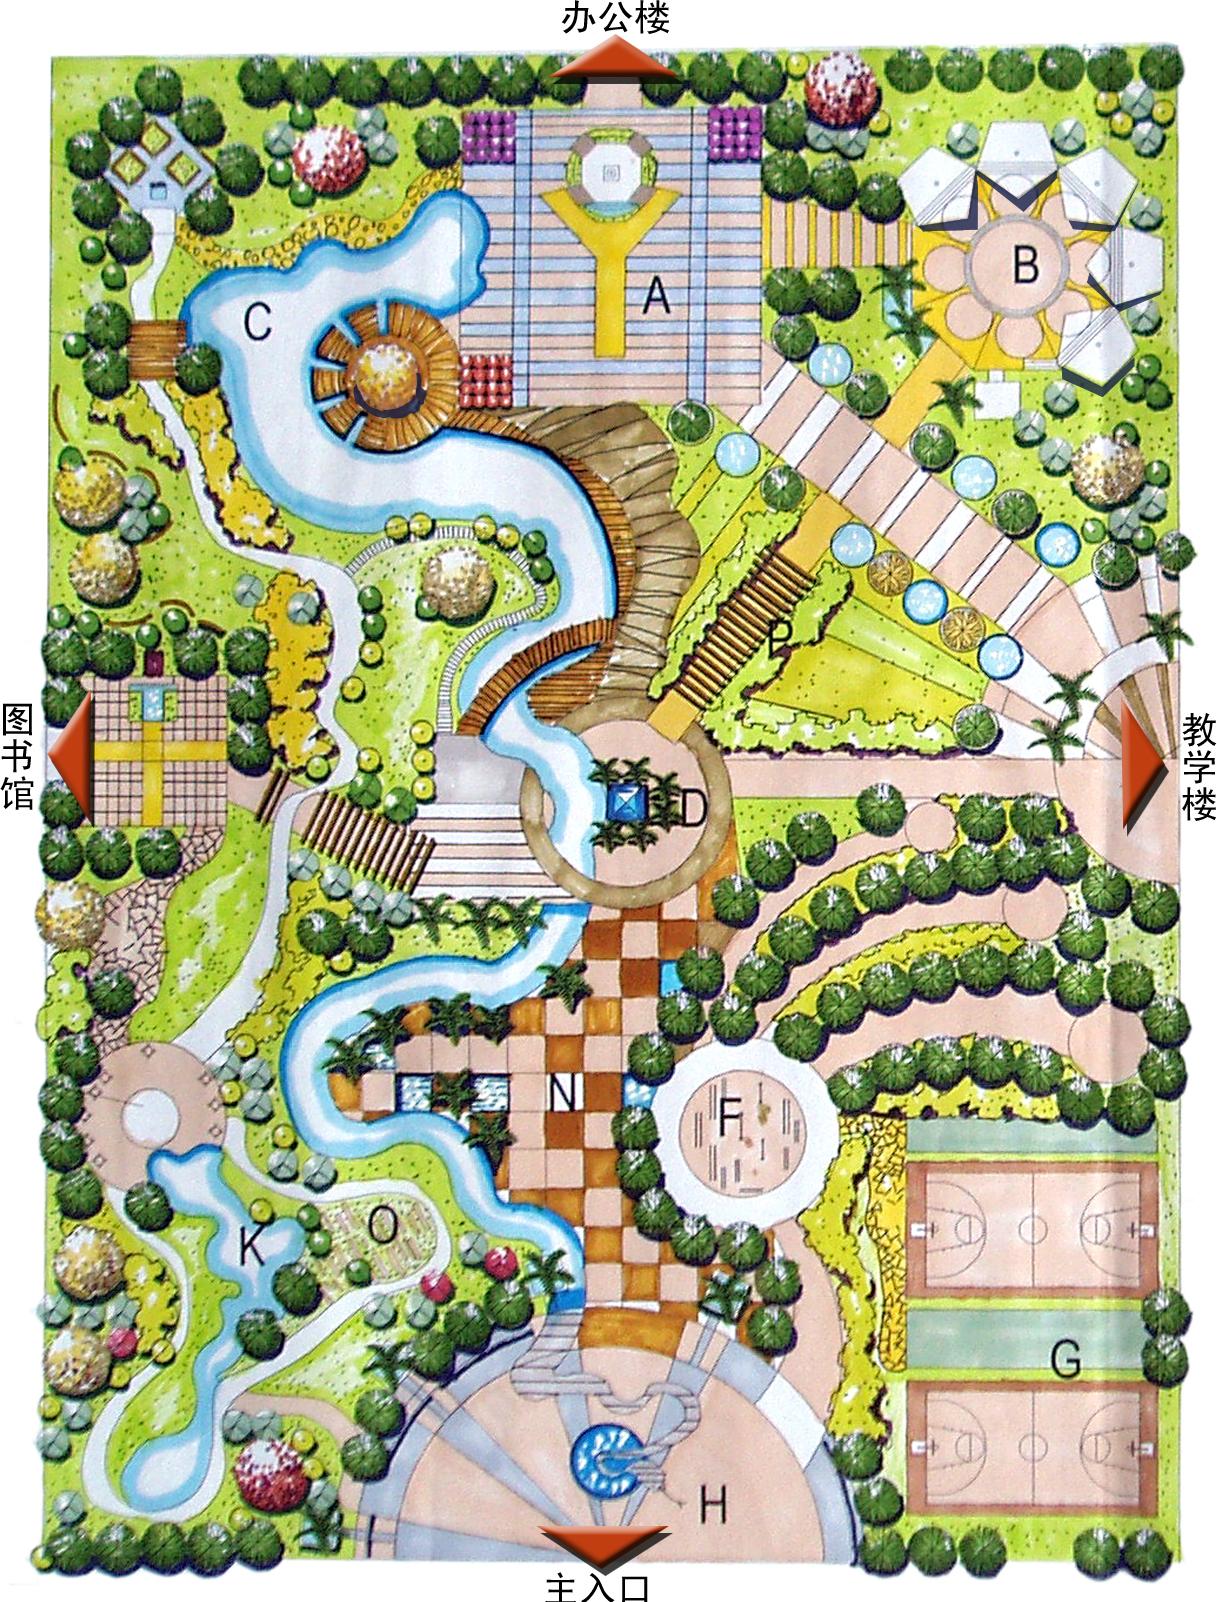 相关专题:校园景观小品手绘效果图 景观广场手绘效果图 广场平面